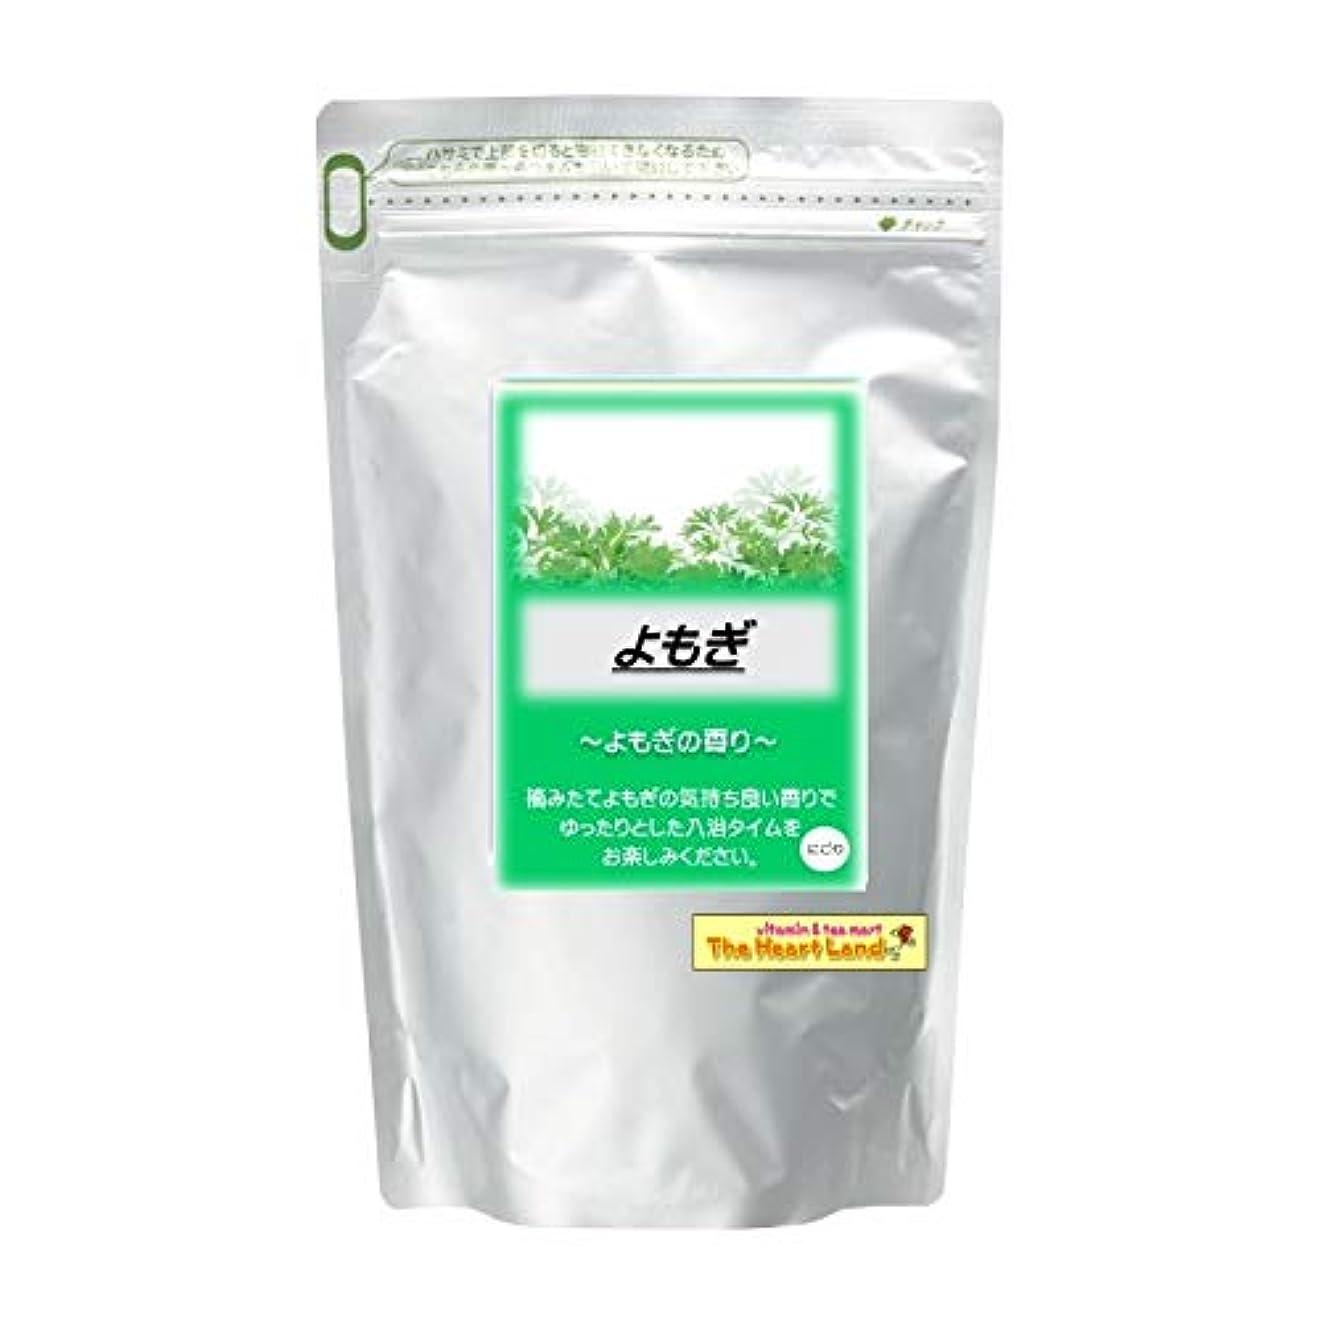 反毒コンプリート流体アサヒ入浴剤 浴用入浴化粧品 よもぎ 300g